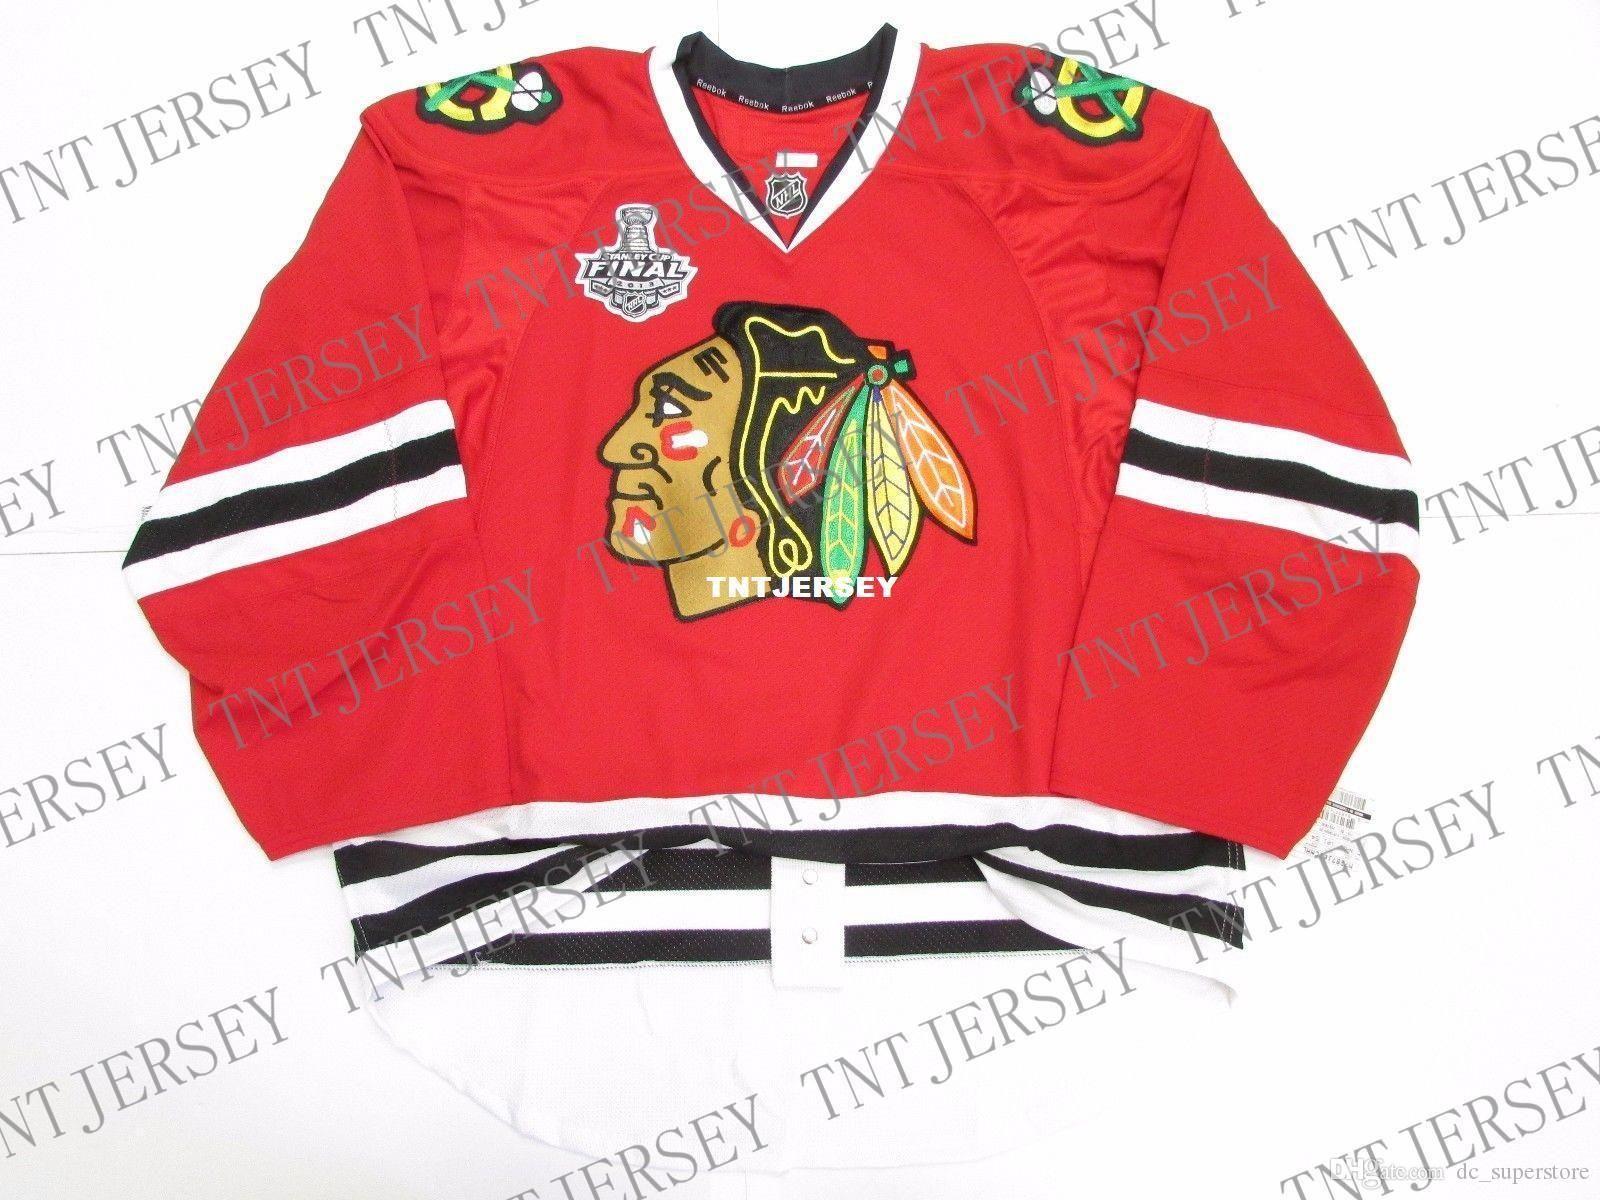 Günstige individuelle Chicago Blackhawks HOME TEAM ISSUE 2013 STANLEY CUP JERSEY eine beliebige Anzahl beliebigen Namen der Männer Hockey Jersey XS-5XL Stich hinzufügen